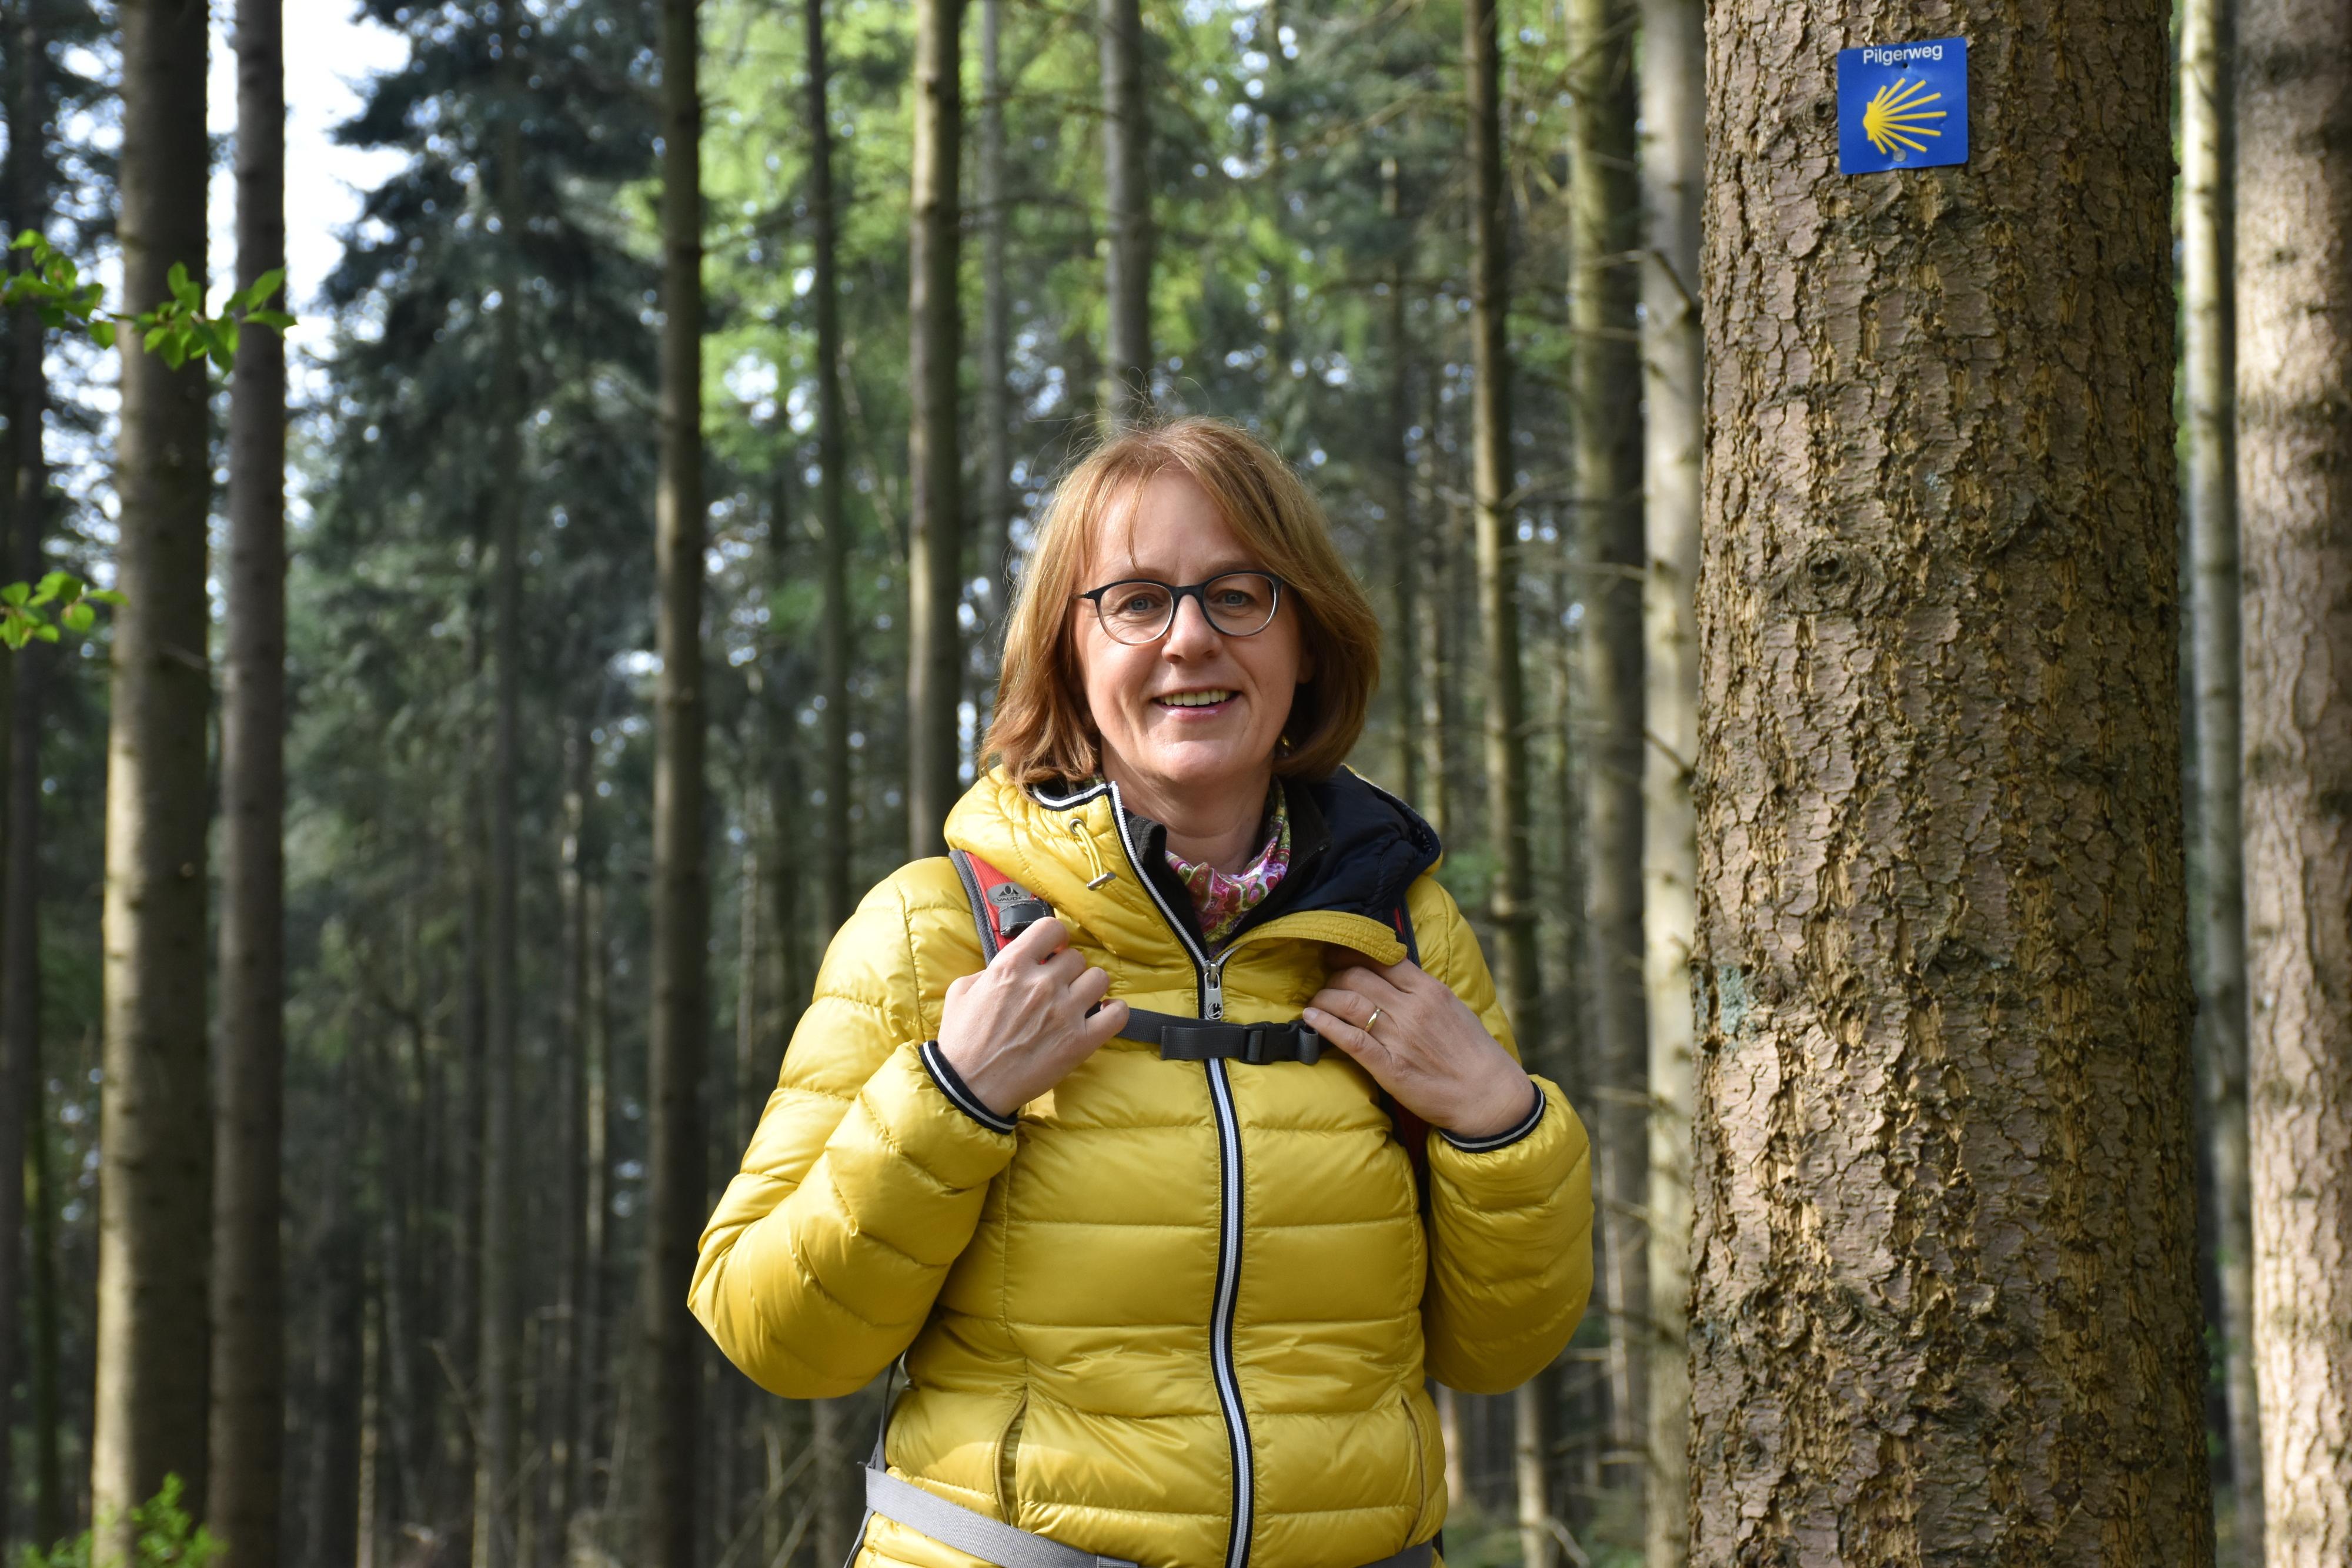 Birgit Schlarmann aus Steinfeld ist gerne in der Natur unterwegs. Foto: Timphaus